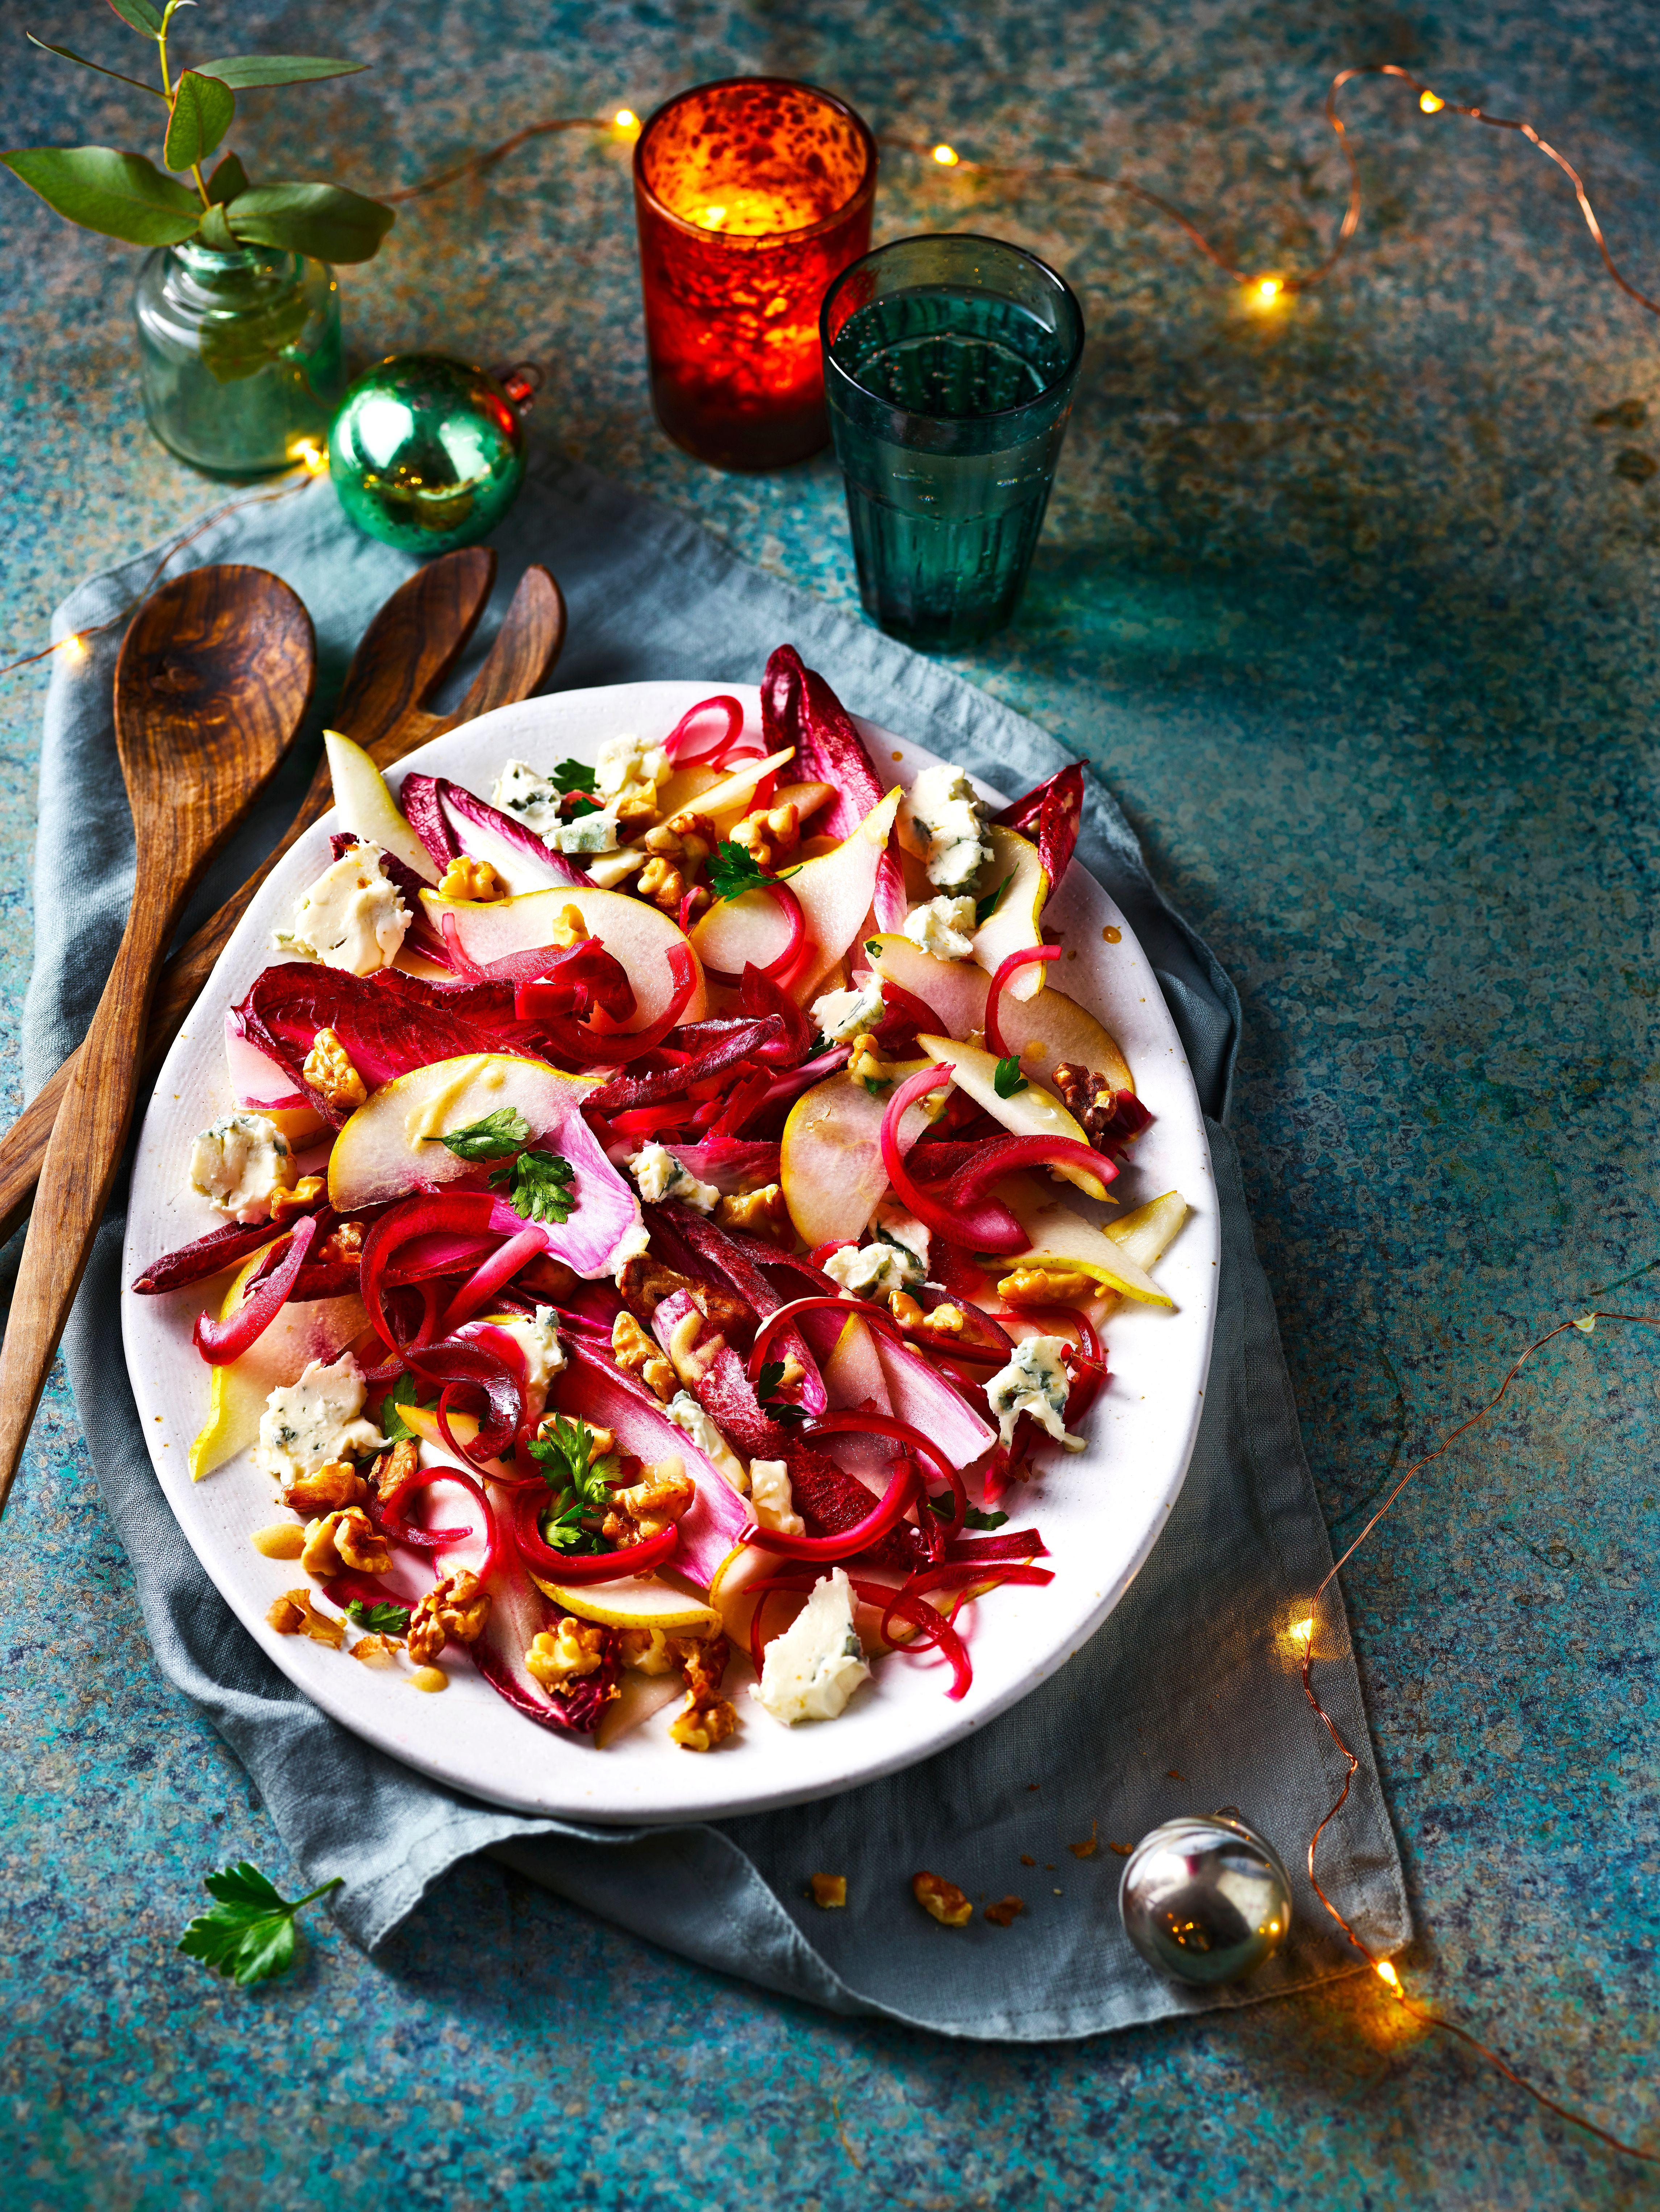 O salată colorată de brânză albastră, cicoare, ceapă roșie și pere, cu linguri de servit din lemn pe o parte